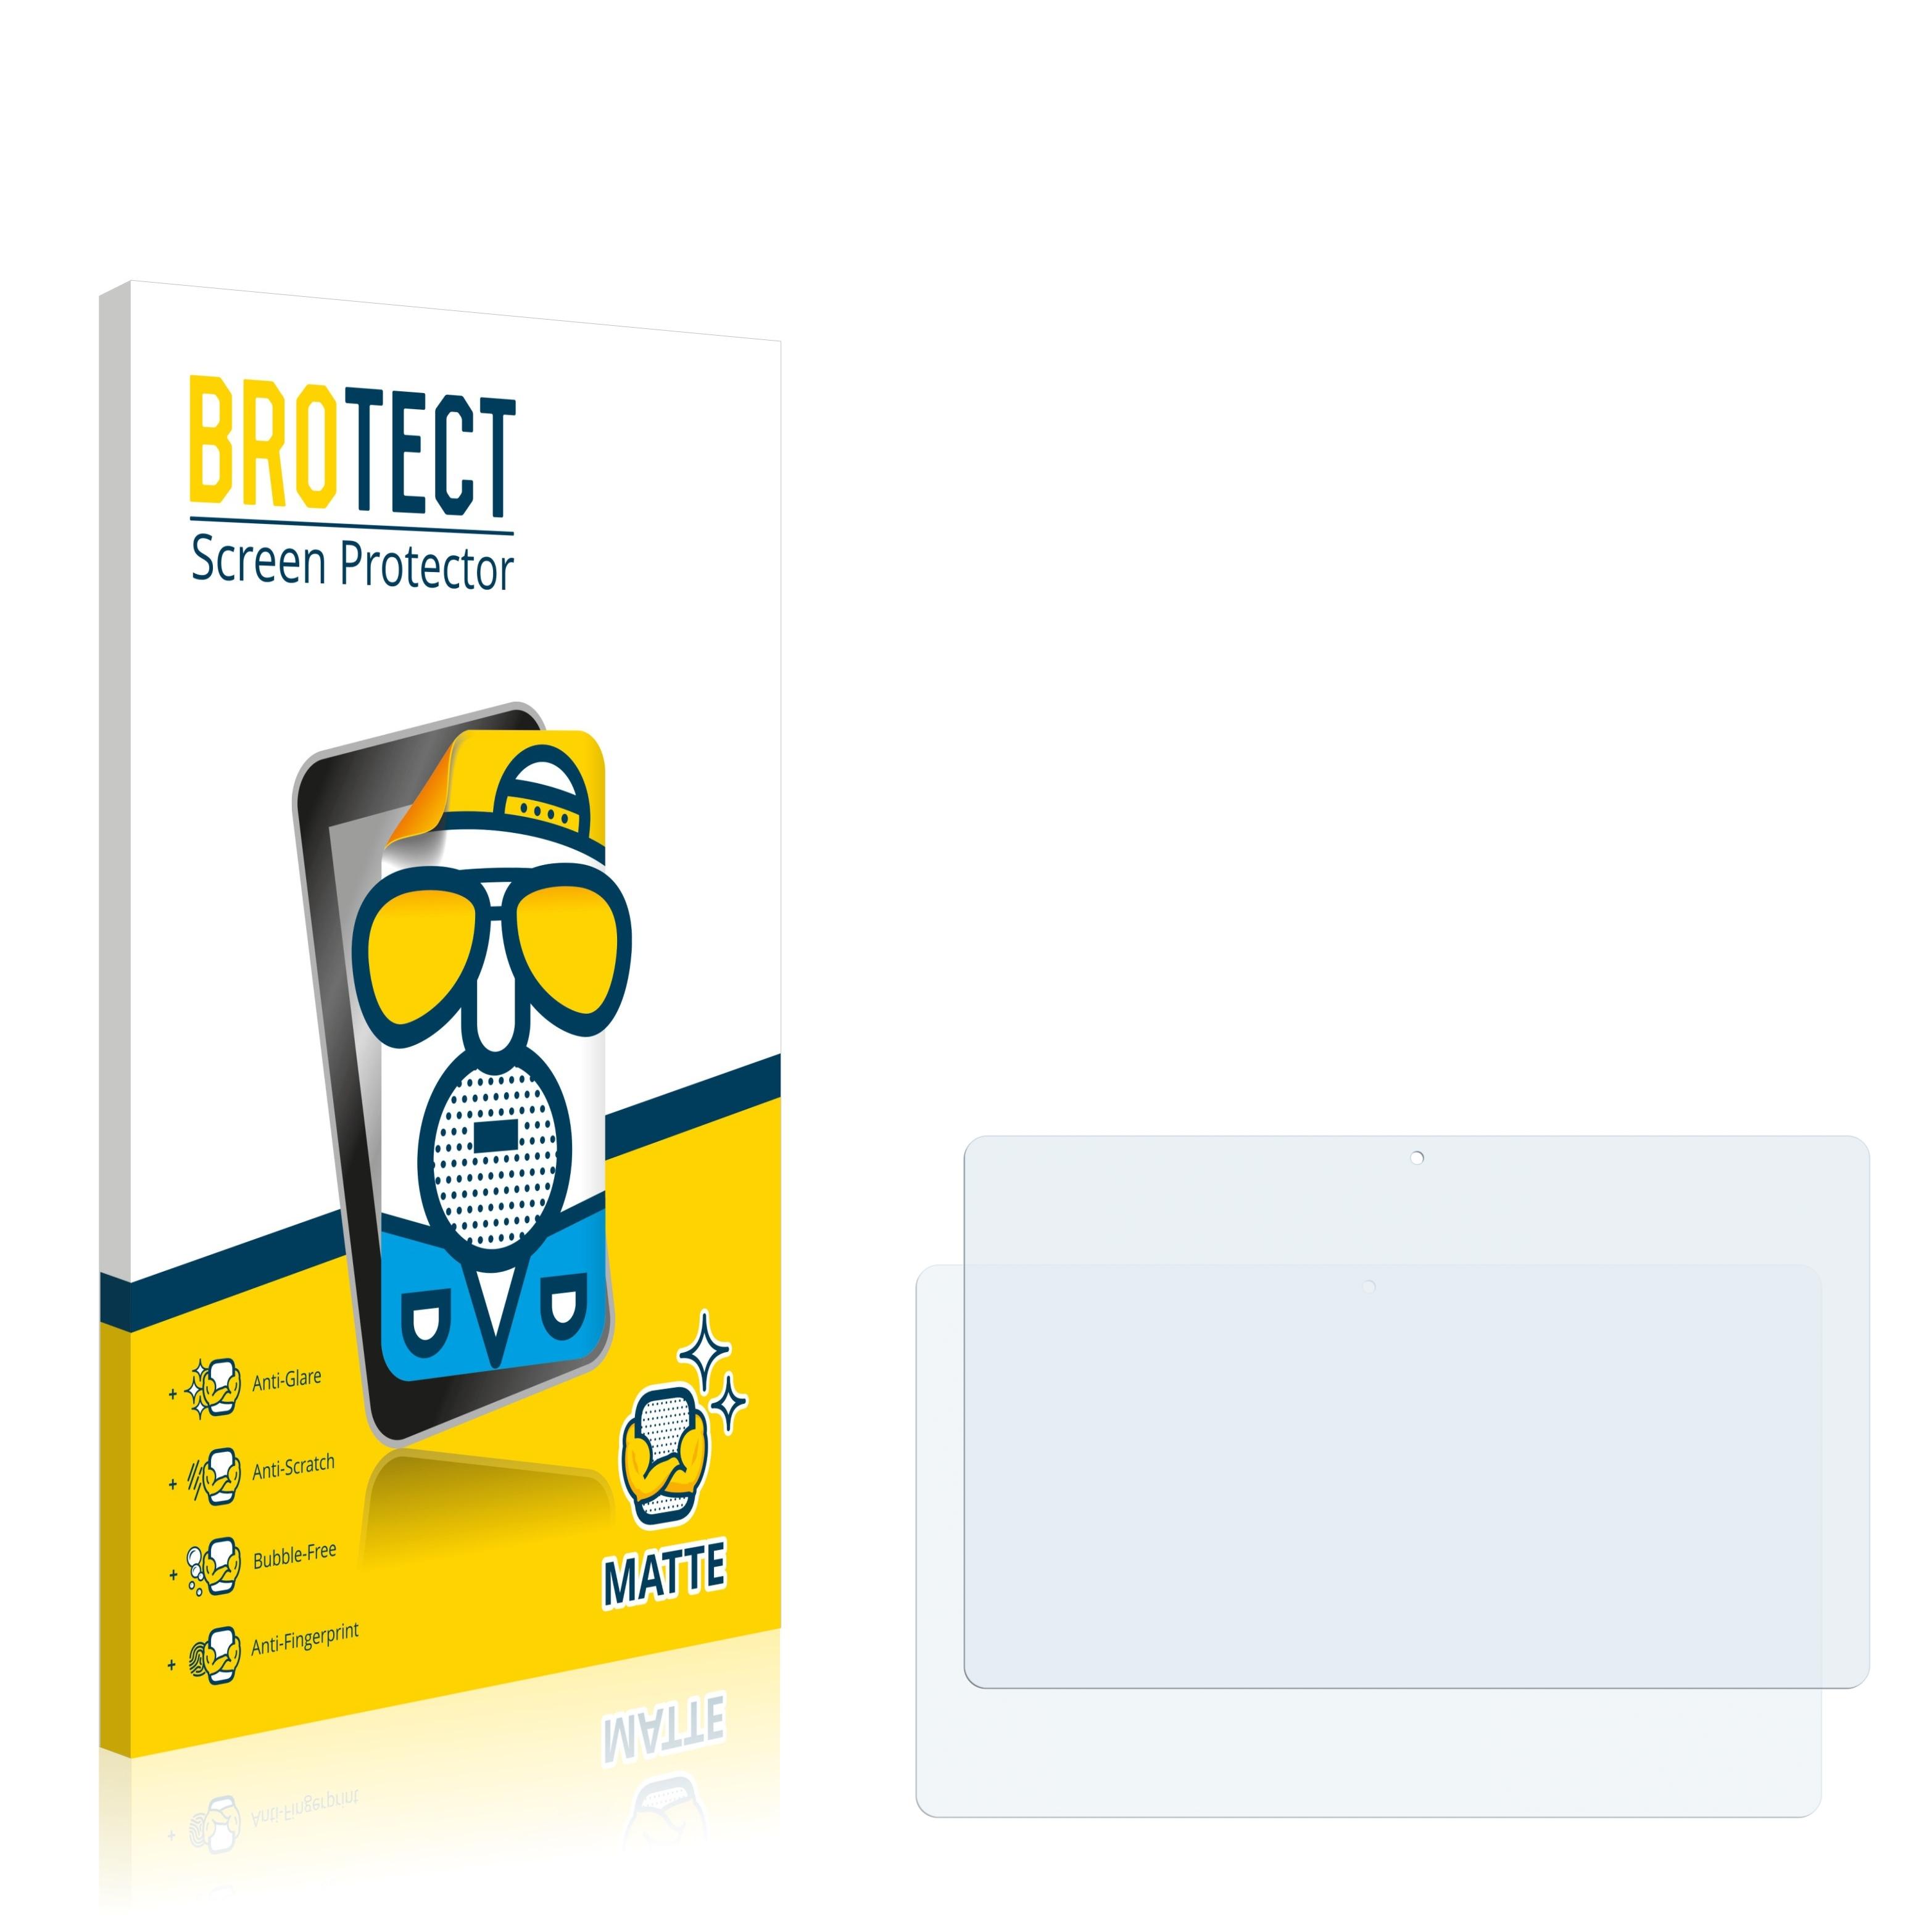 Matná ochranná fólie BROTECT pro Acer Iconia Tab W701, 2 ks